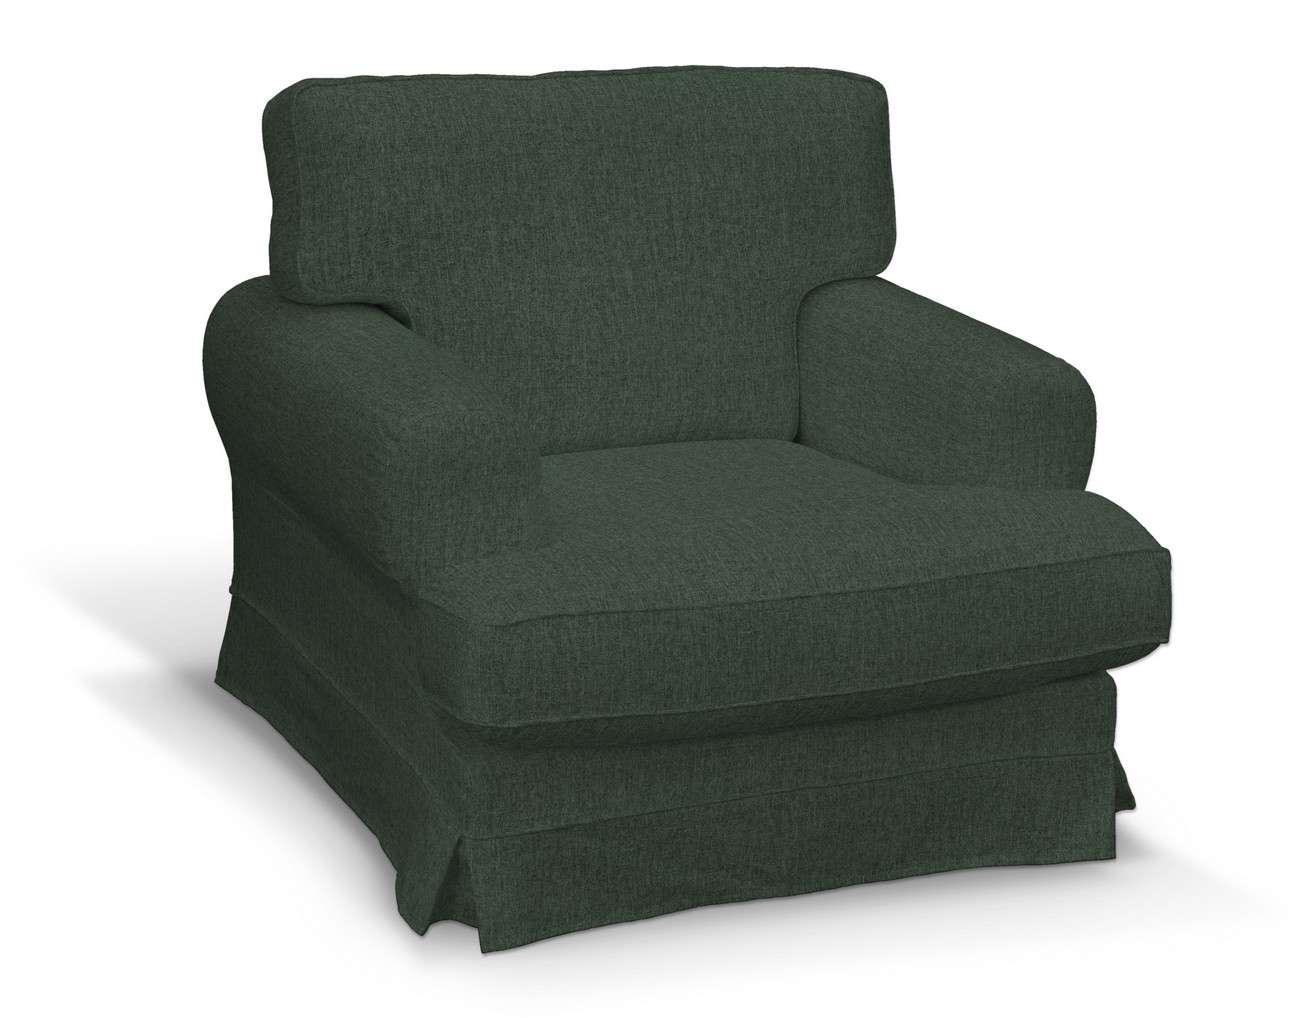 Pokrowiec na fotel Ekeskog w kolekcji City, tkanina: 704-81